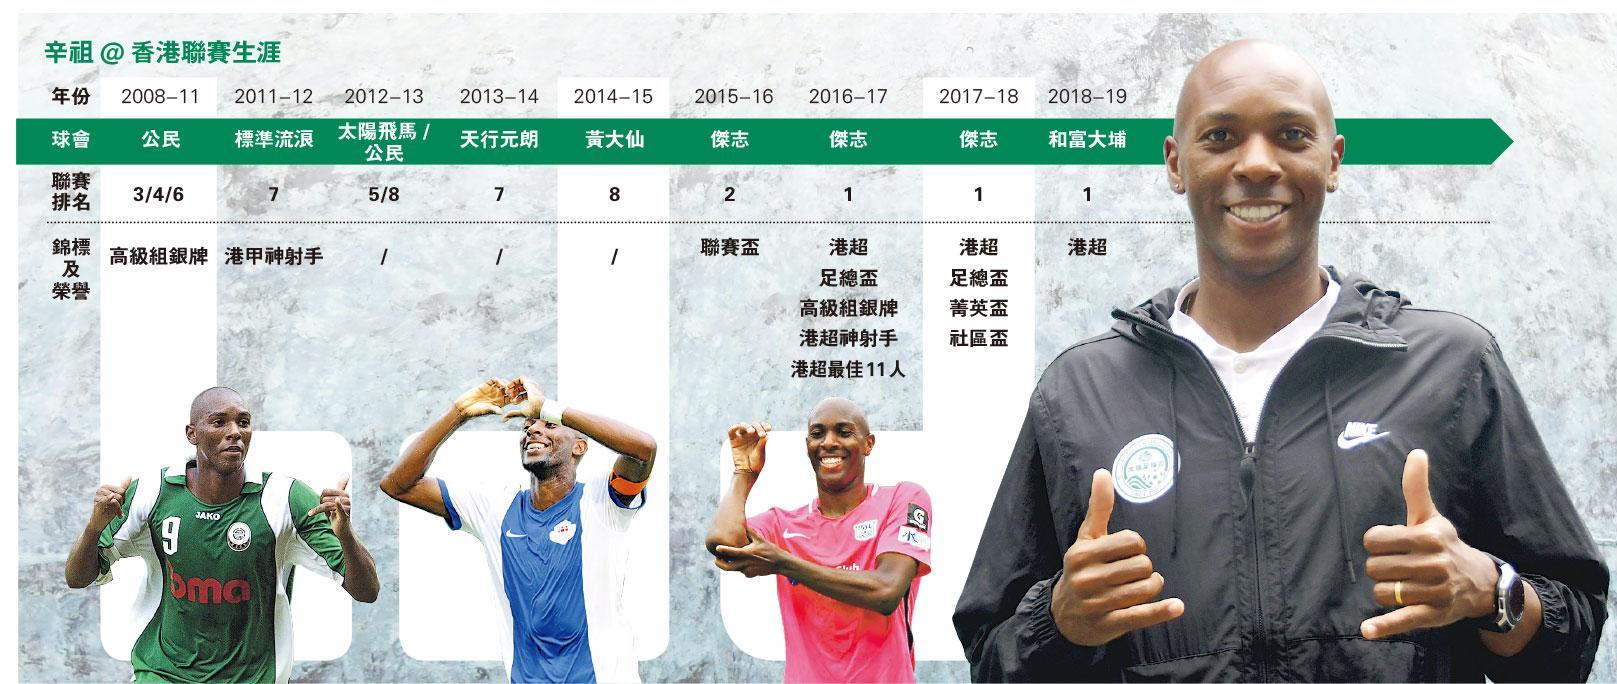 辛祖快樂足球贏天下 港超3連霸第一人 來港10年互信致勝